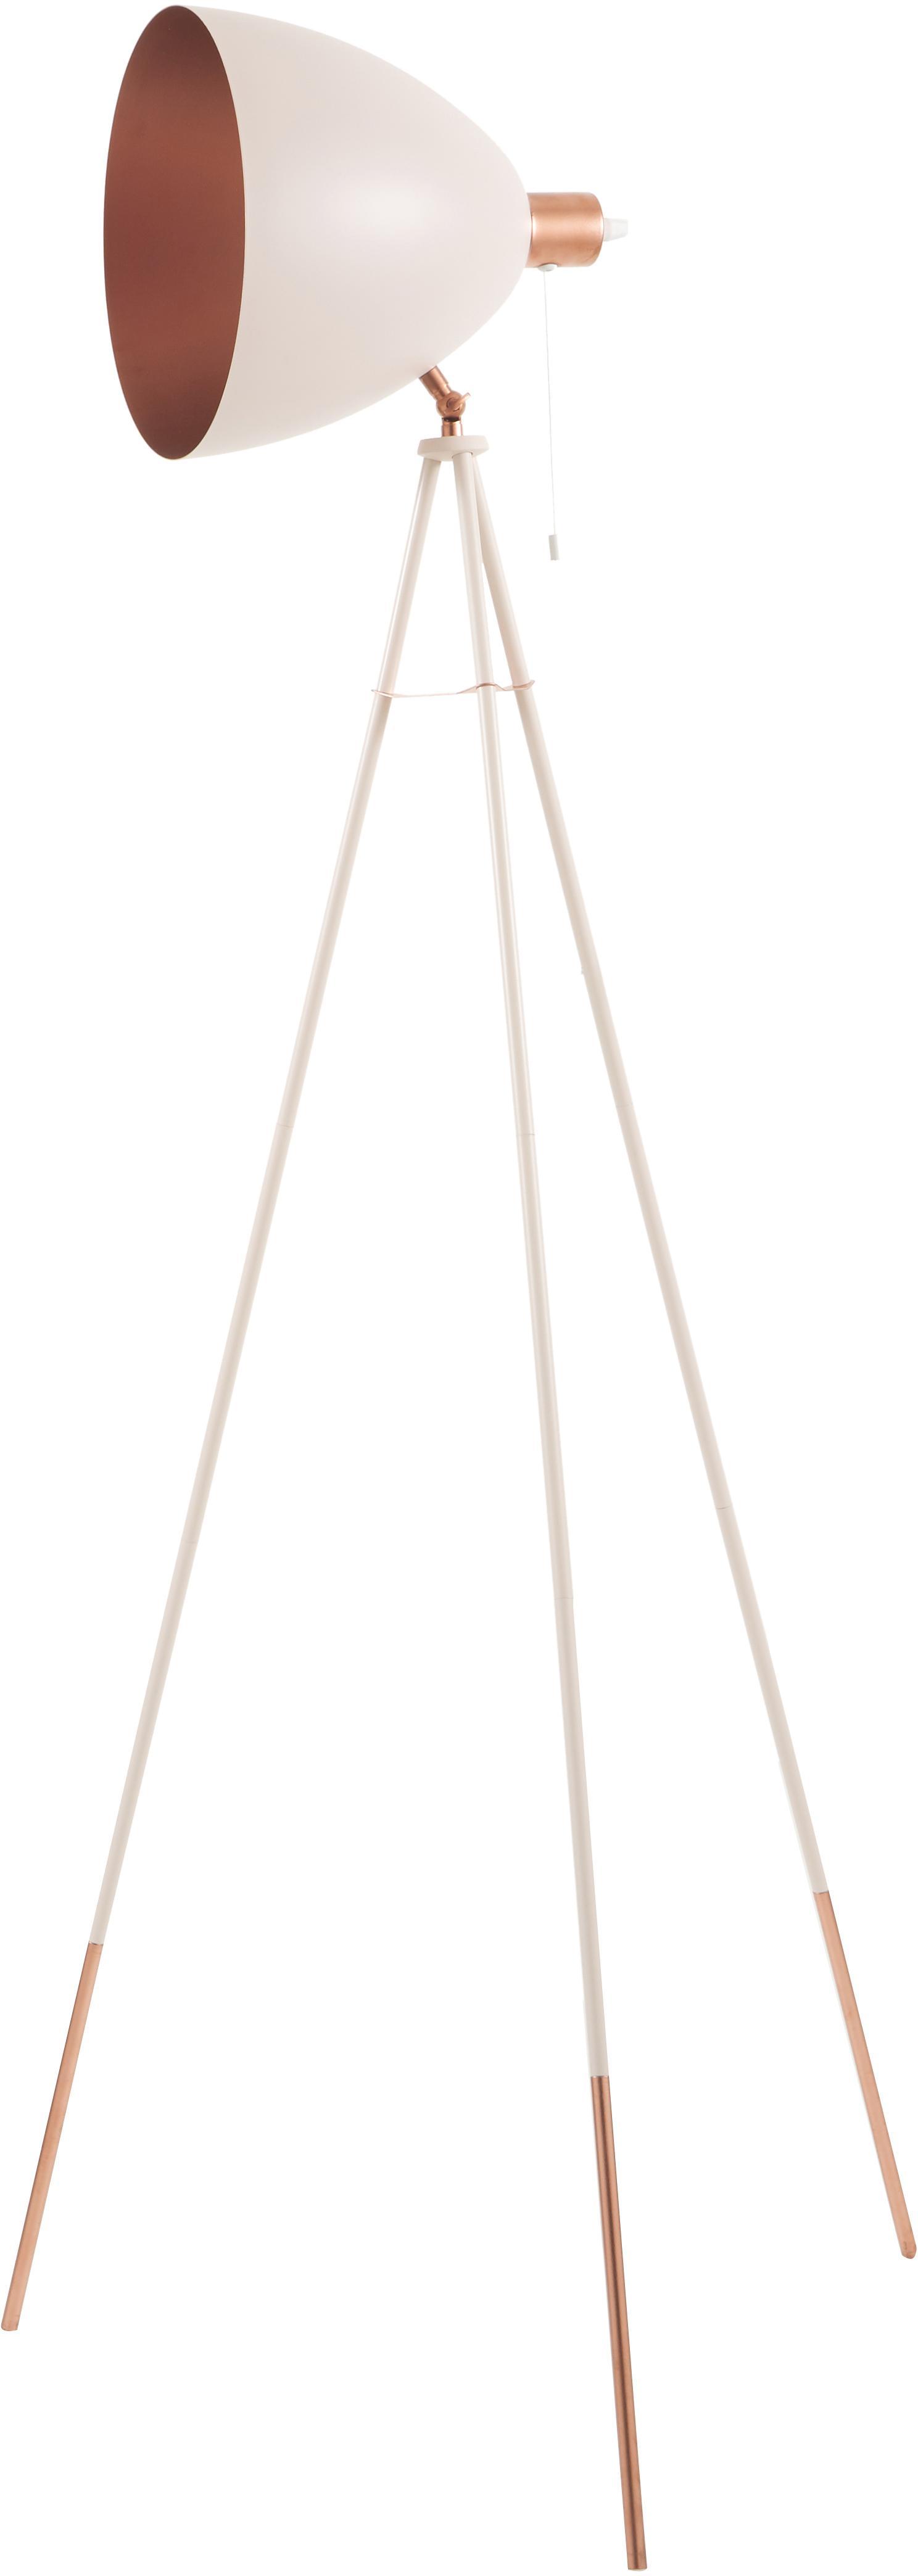 Lampada da lettura industriale Chester, Rosa, Ø 60 x Alt. 135 cm